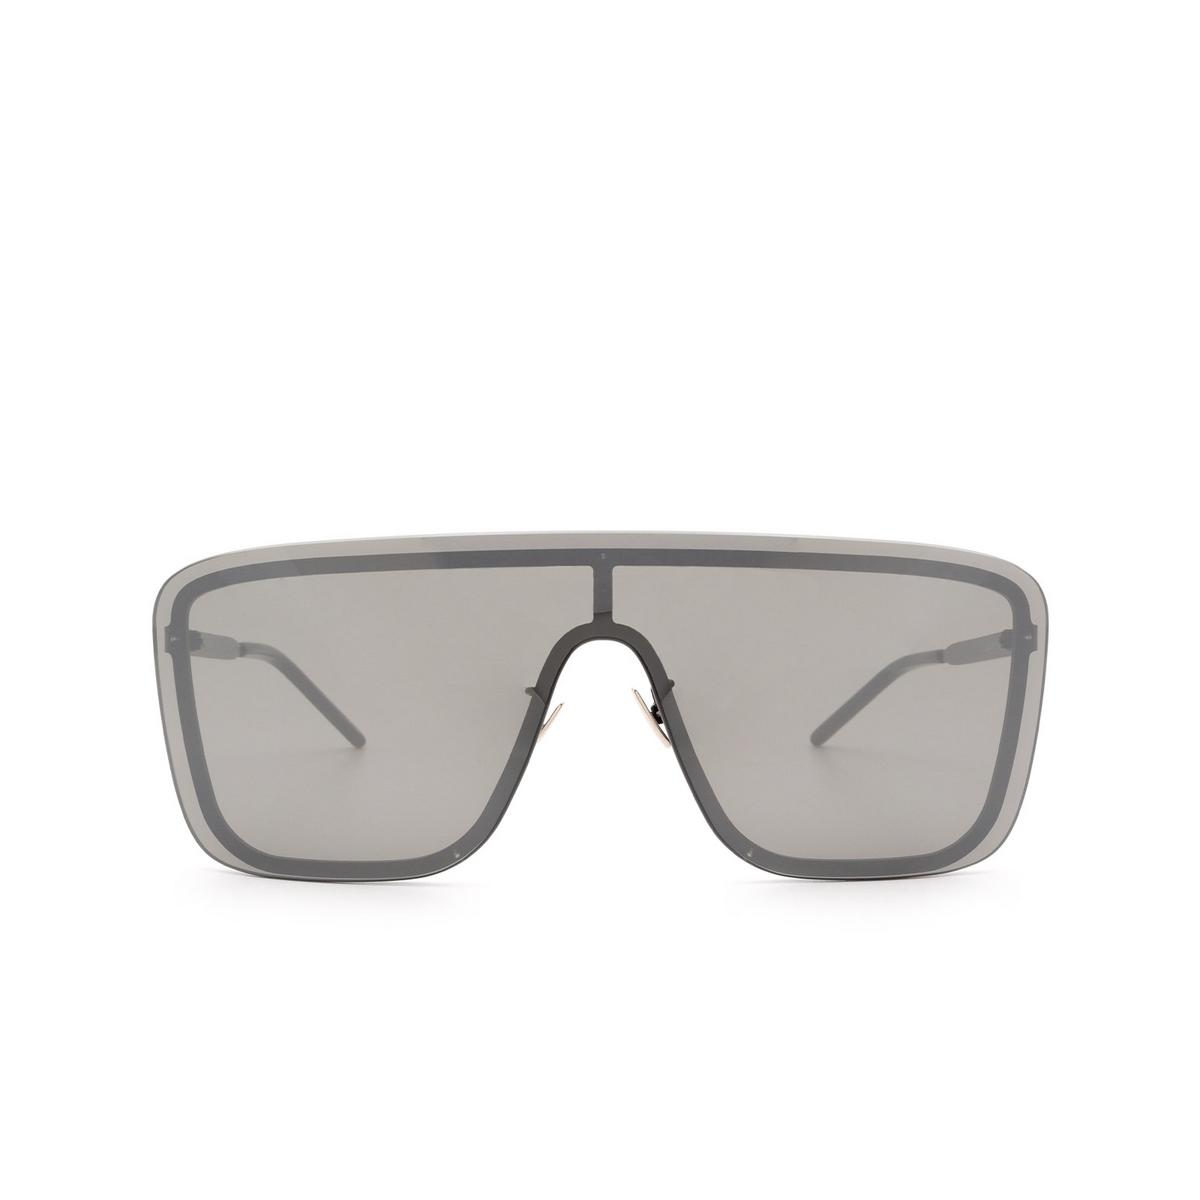 Saint Laurent® Mask Sunglasses: SL 364 MASK color Black 003 - front view.